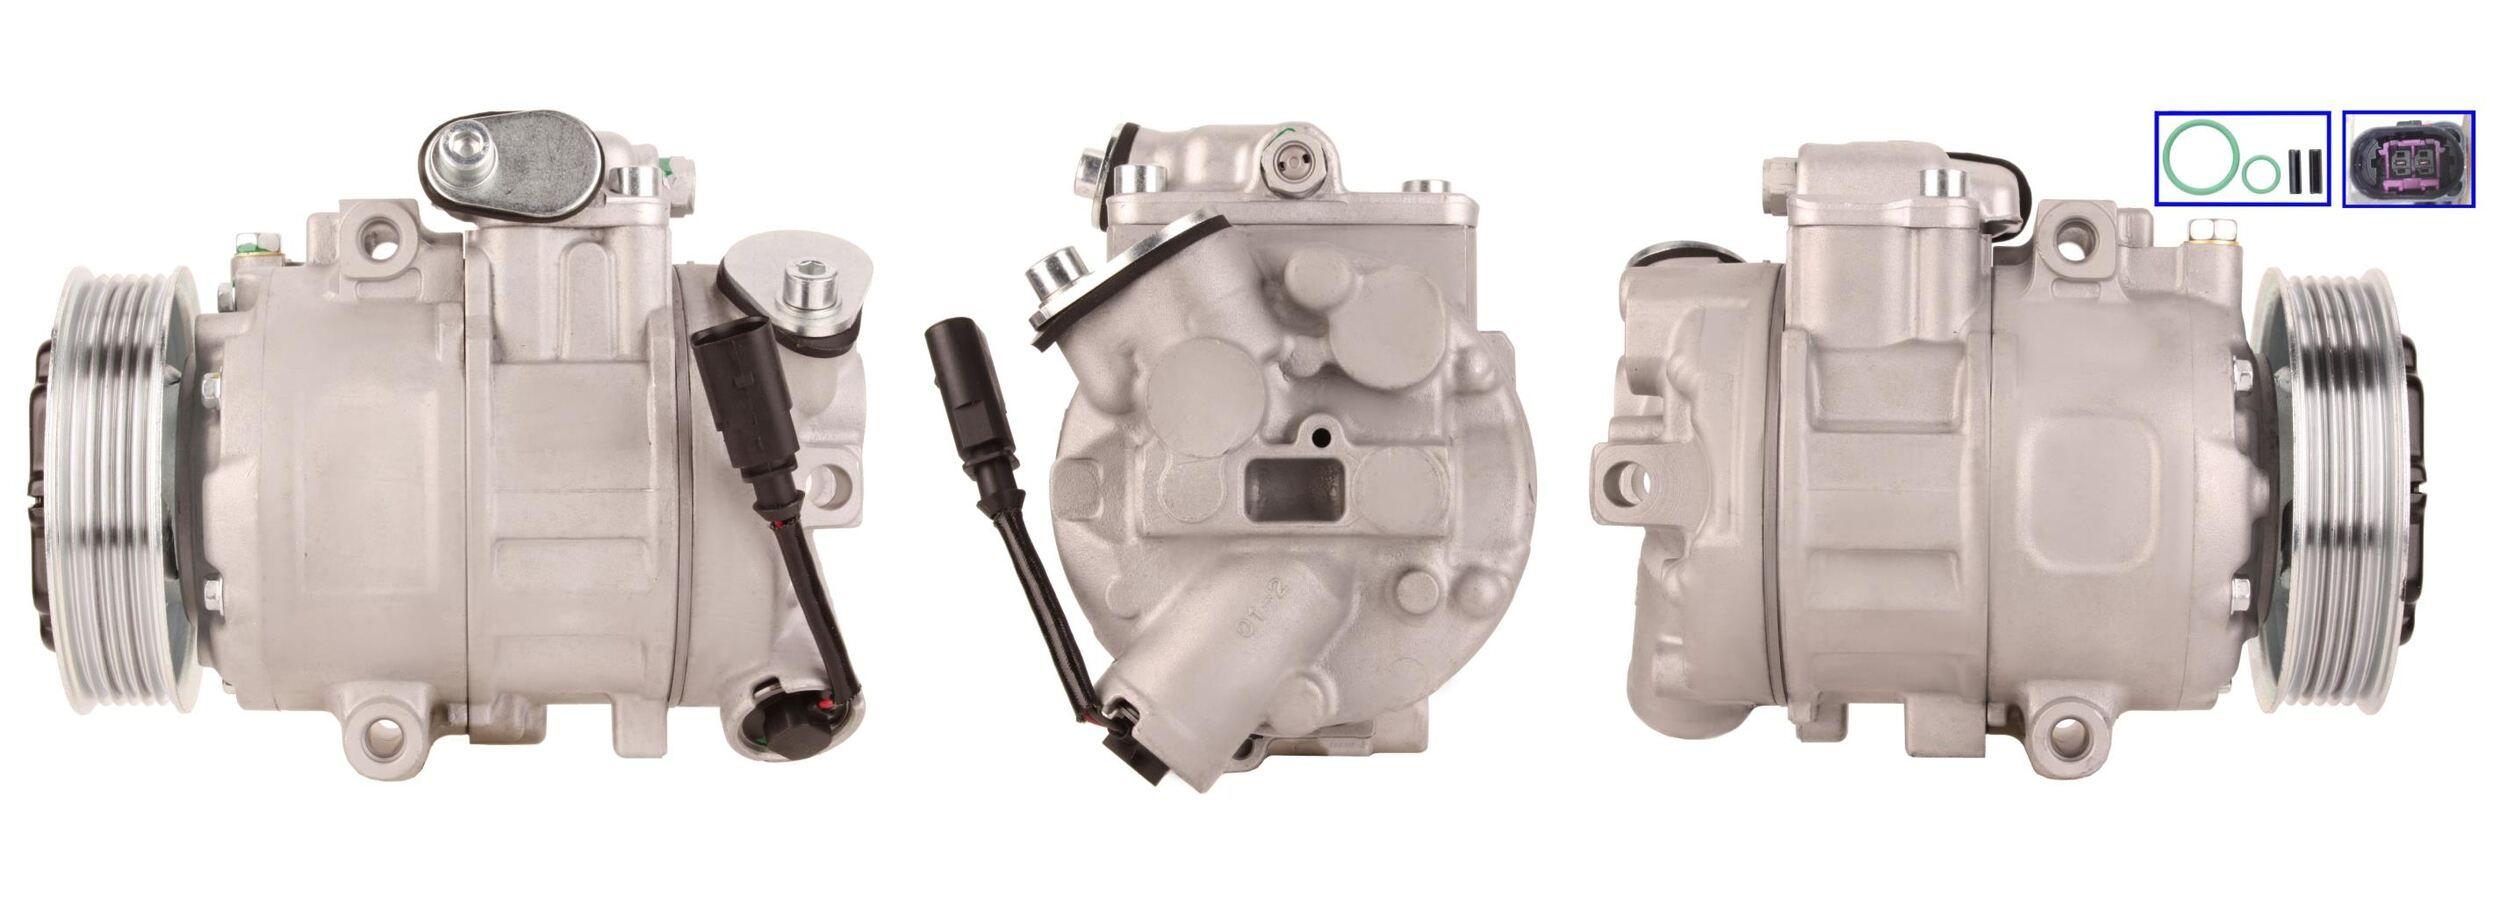 Original SEAT Kompressor 51-0132